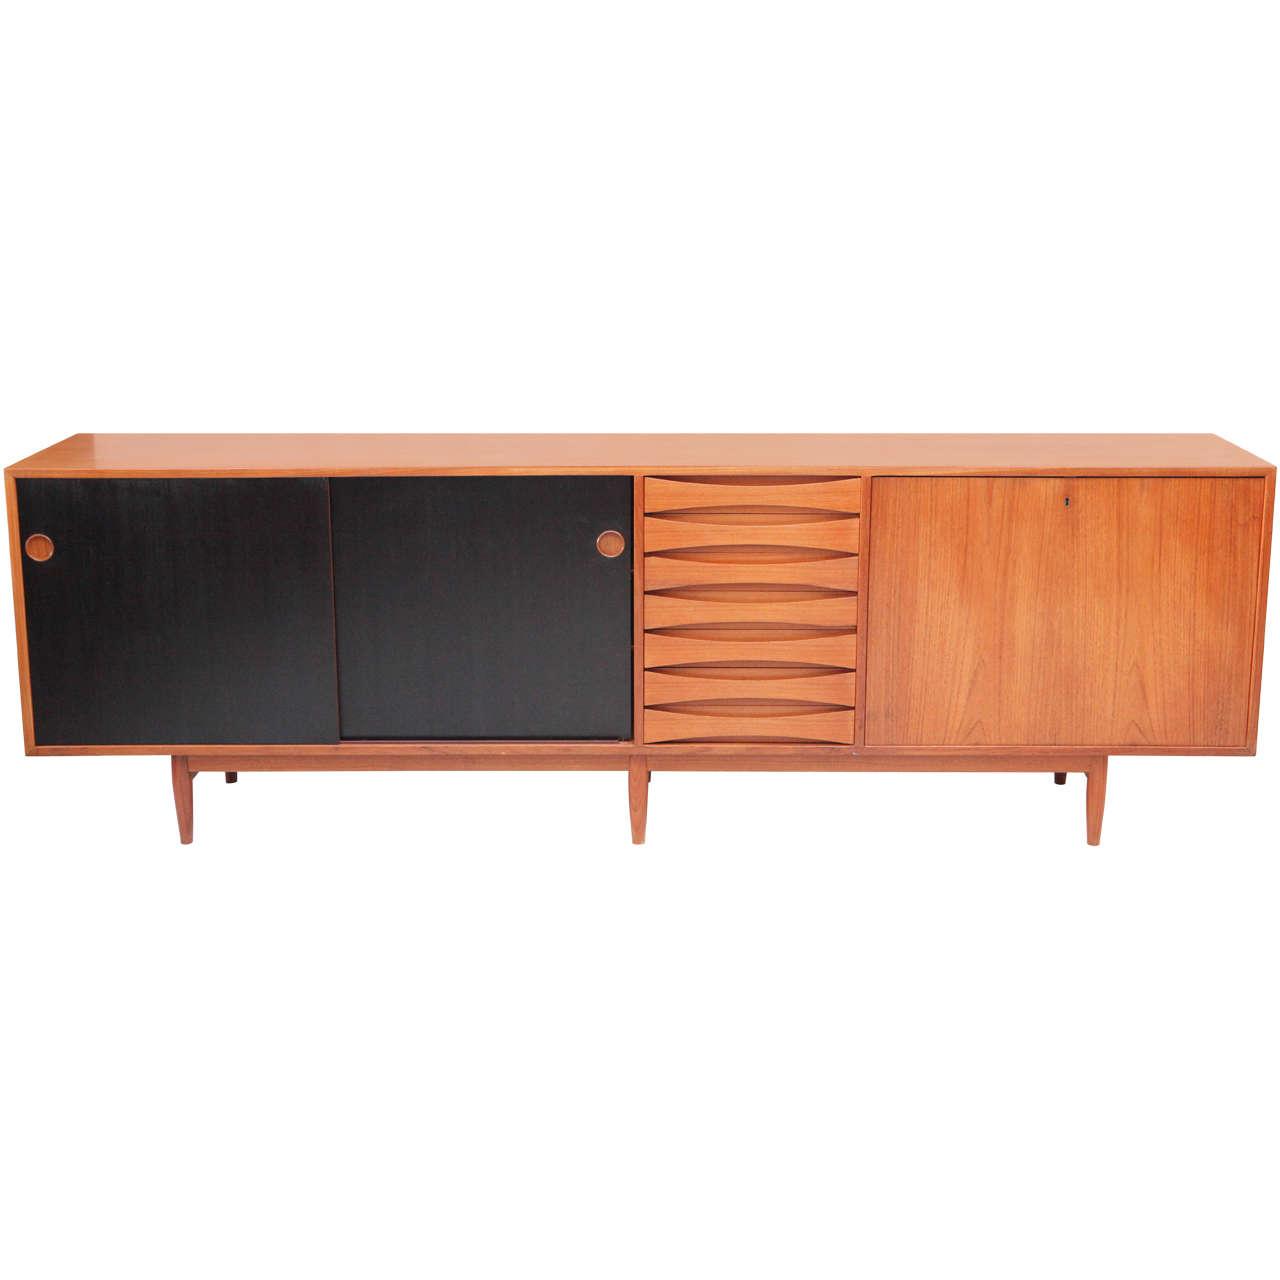 arne vodder sideboard at 1stdibs. Black Bedroom Furniture Sets. Home Design Ideas